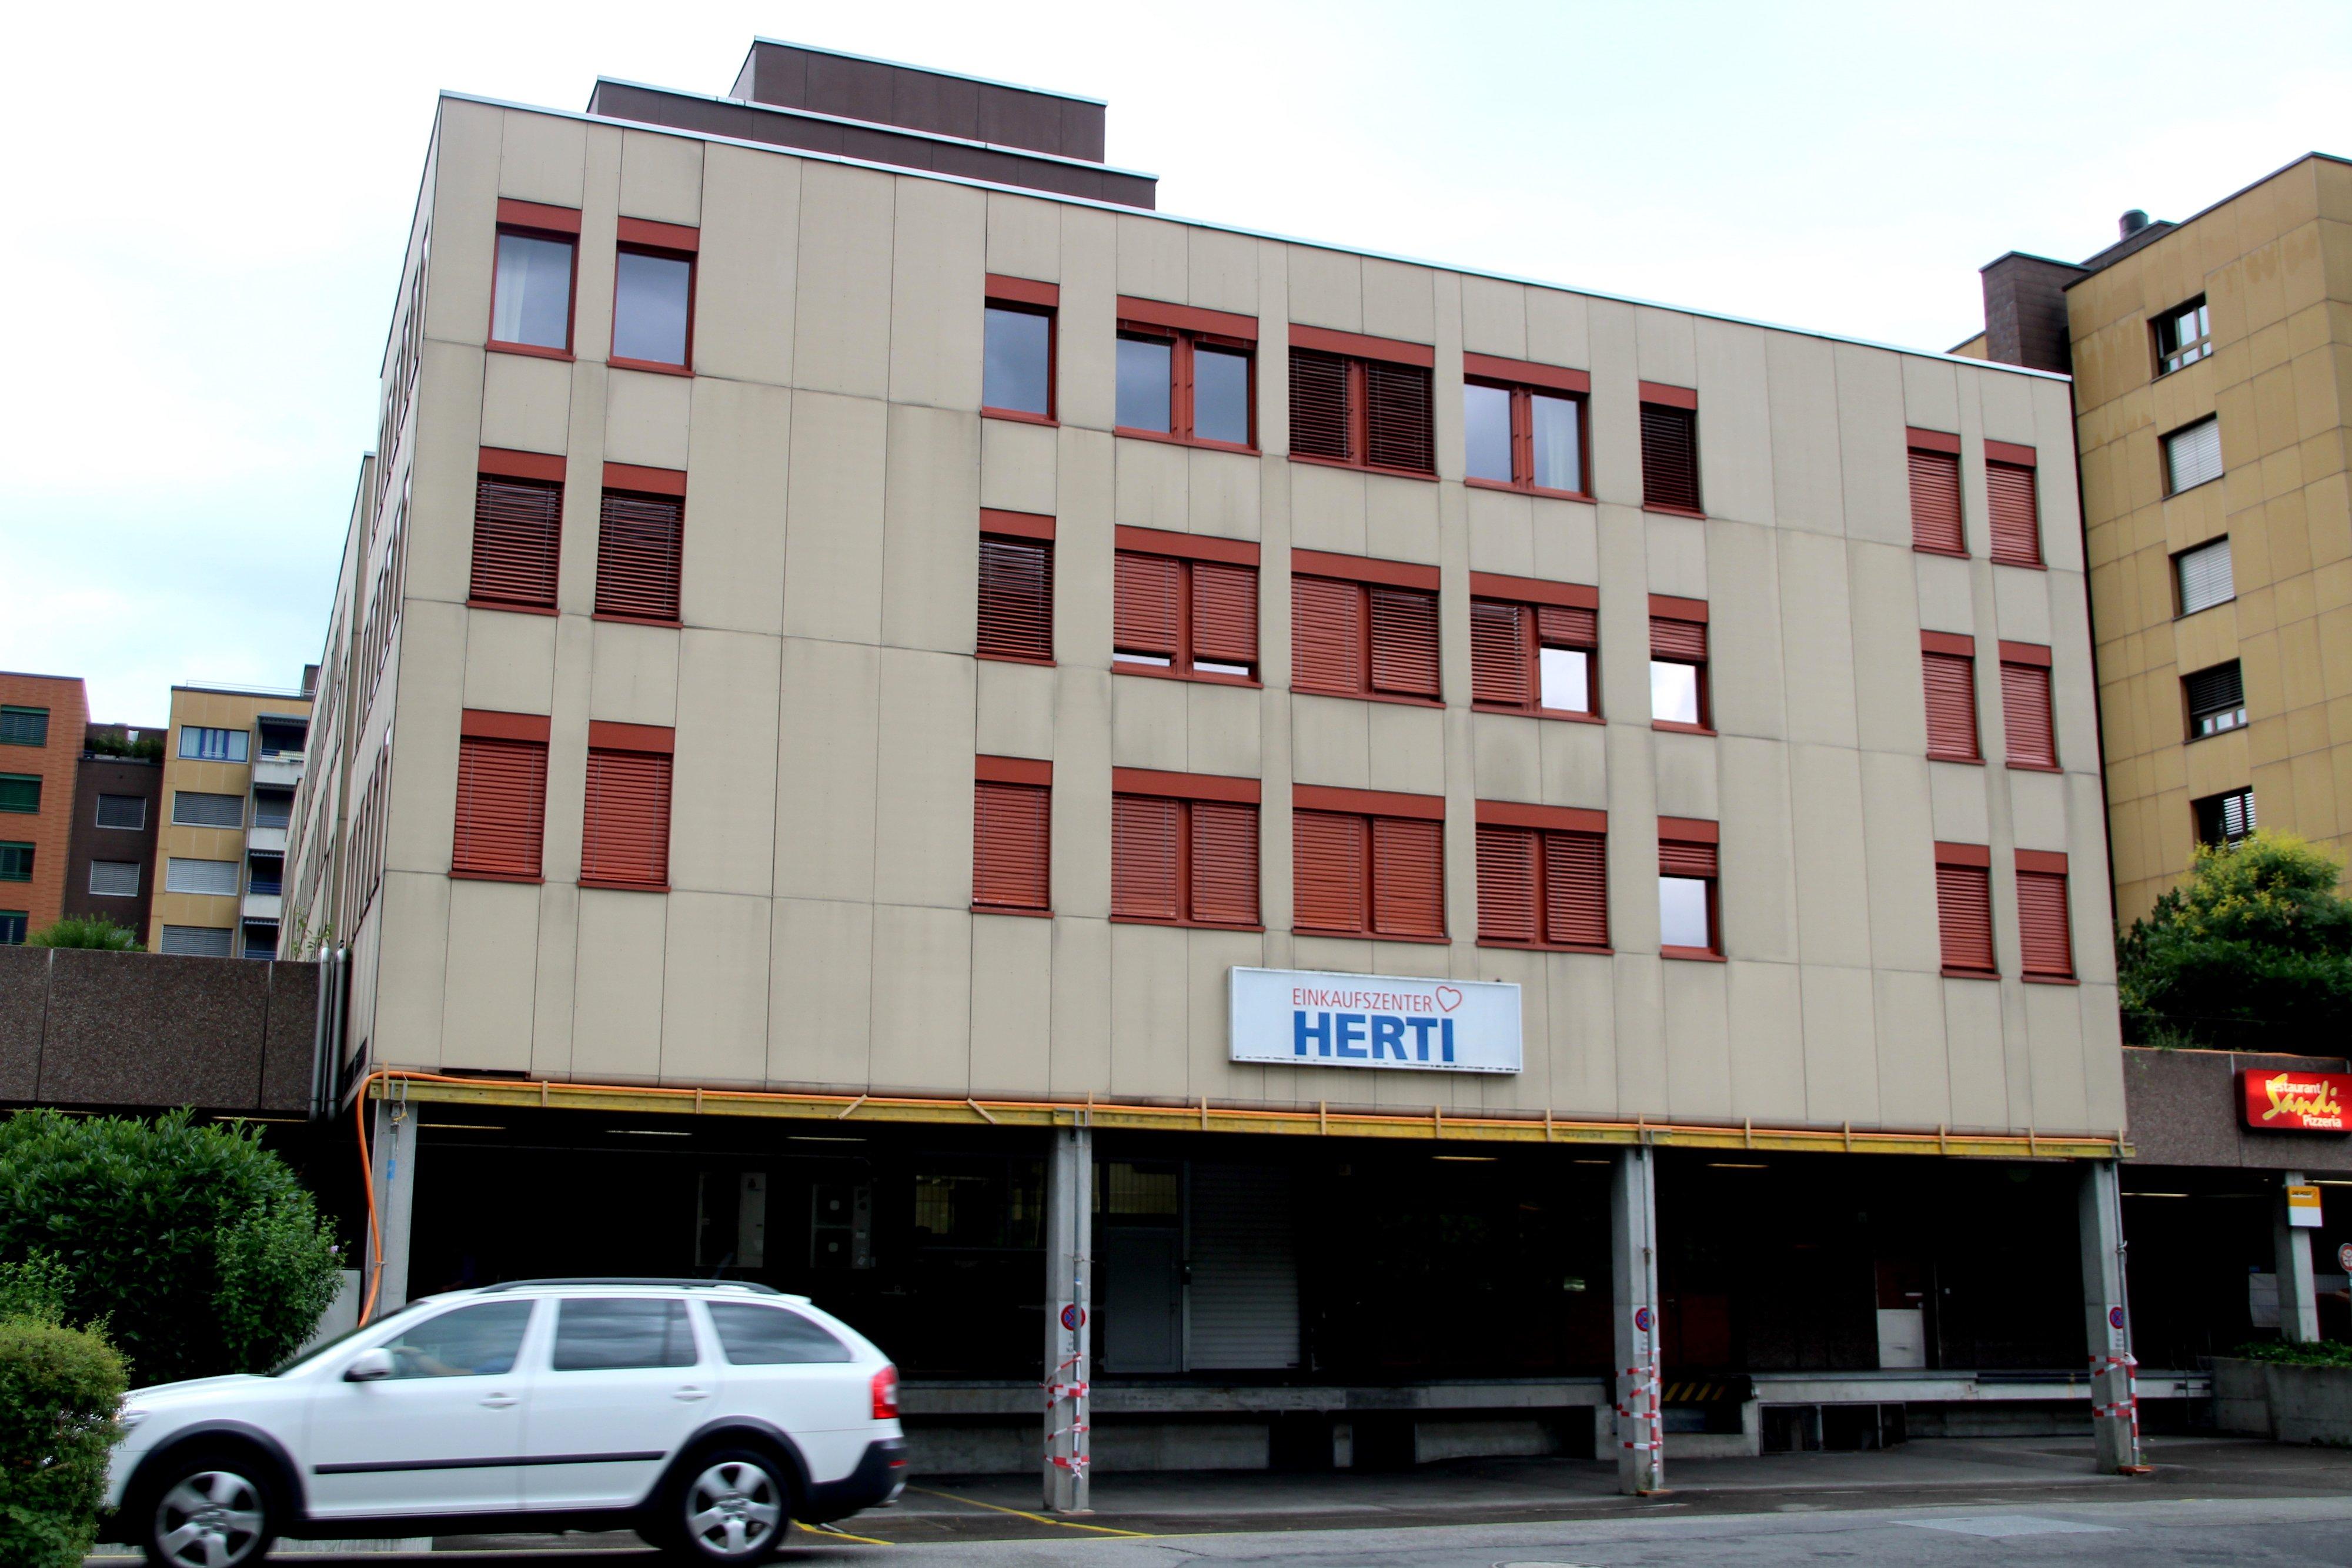 Die Regionale Arbeitsvermittlung Zug (RAV) in der Herti steht im Vergleich zu anderen kantonalen Arbeitsämtern nicht so gut da.